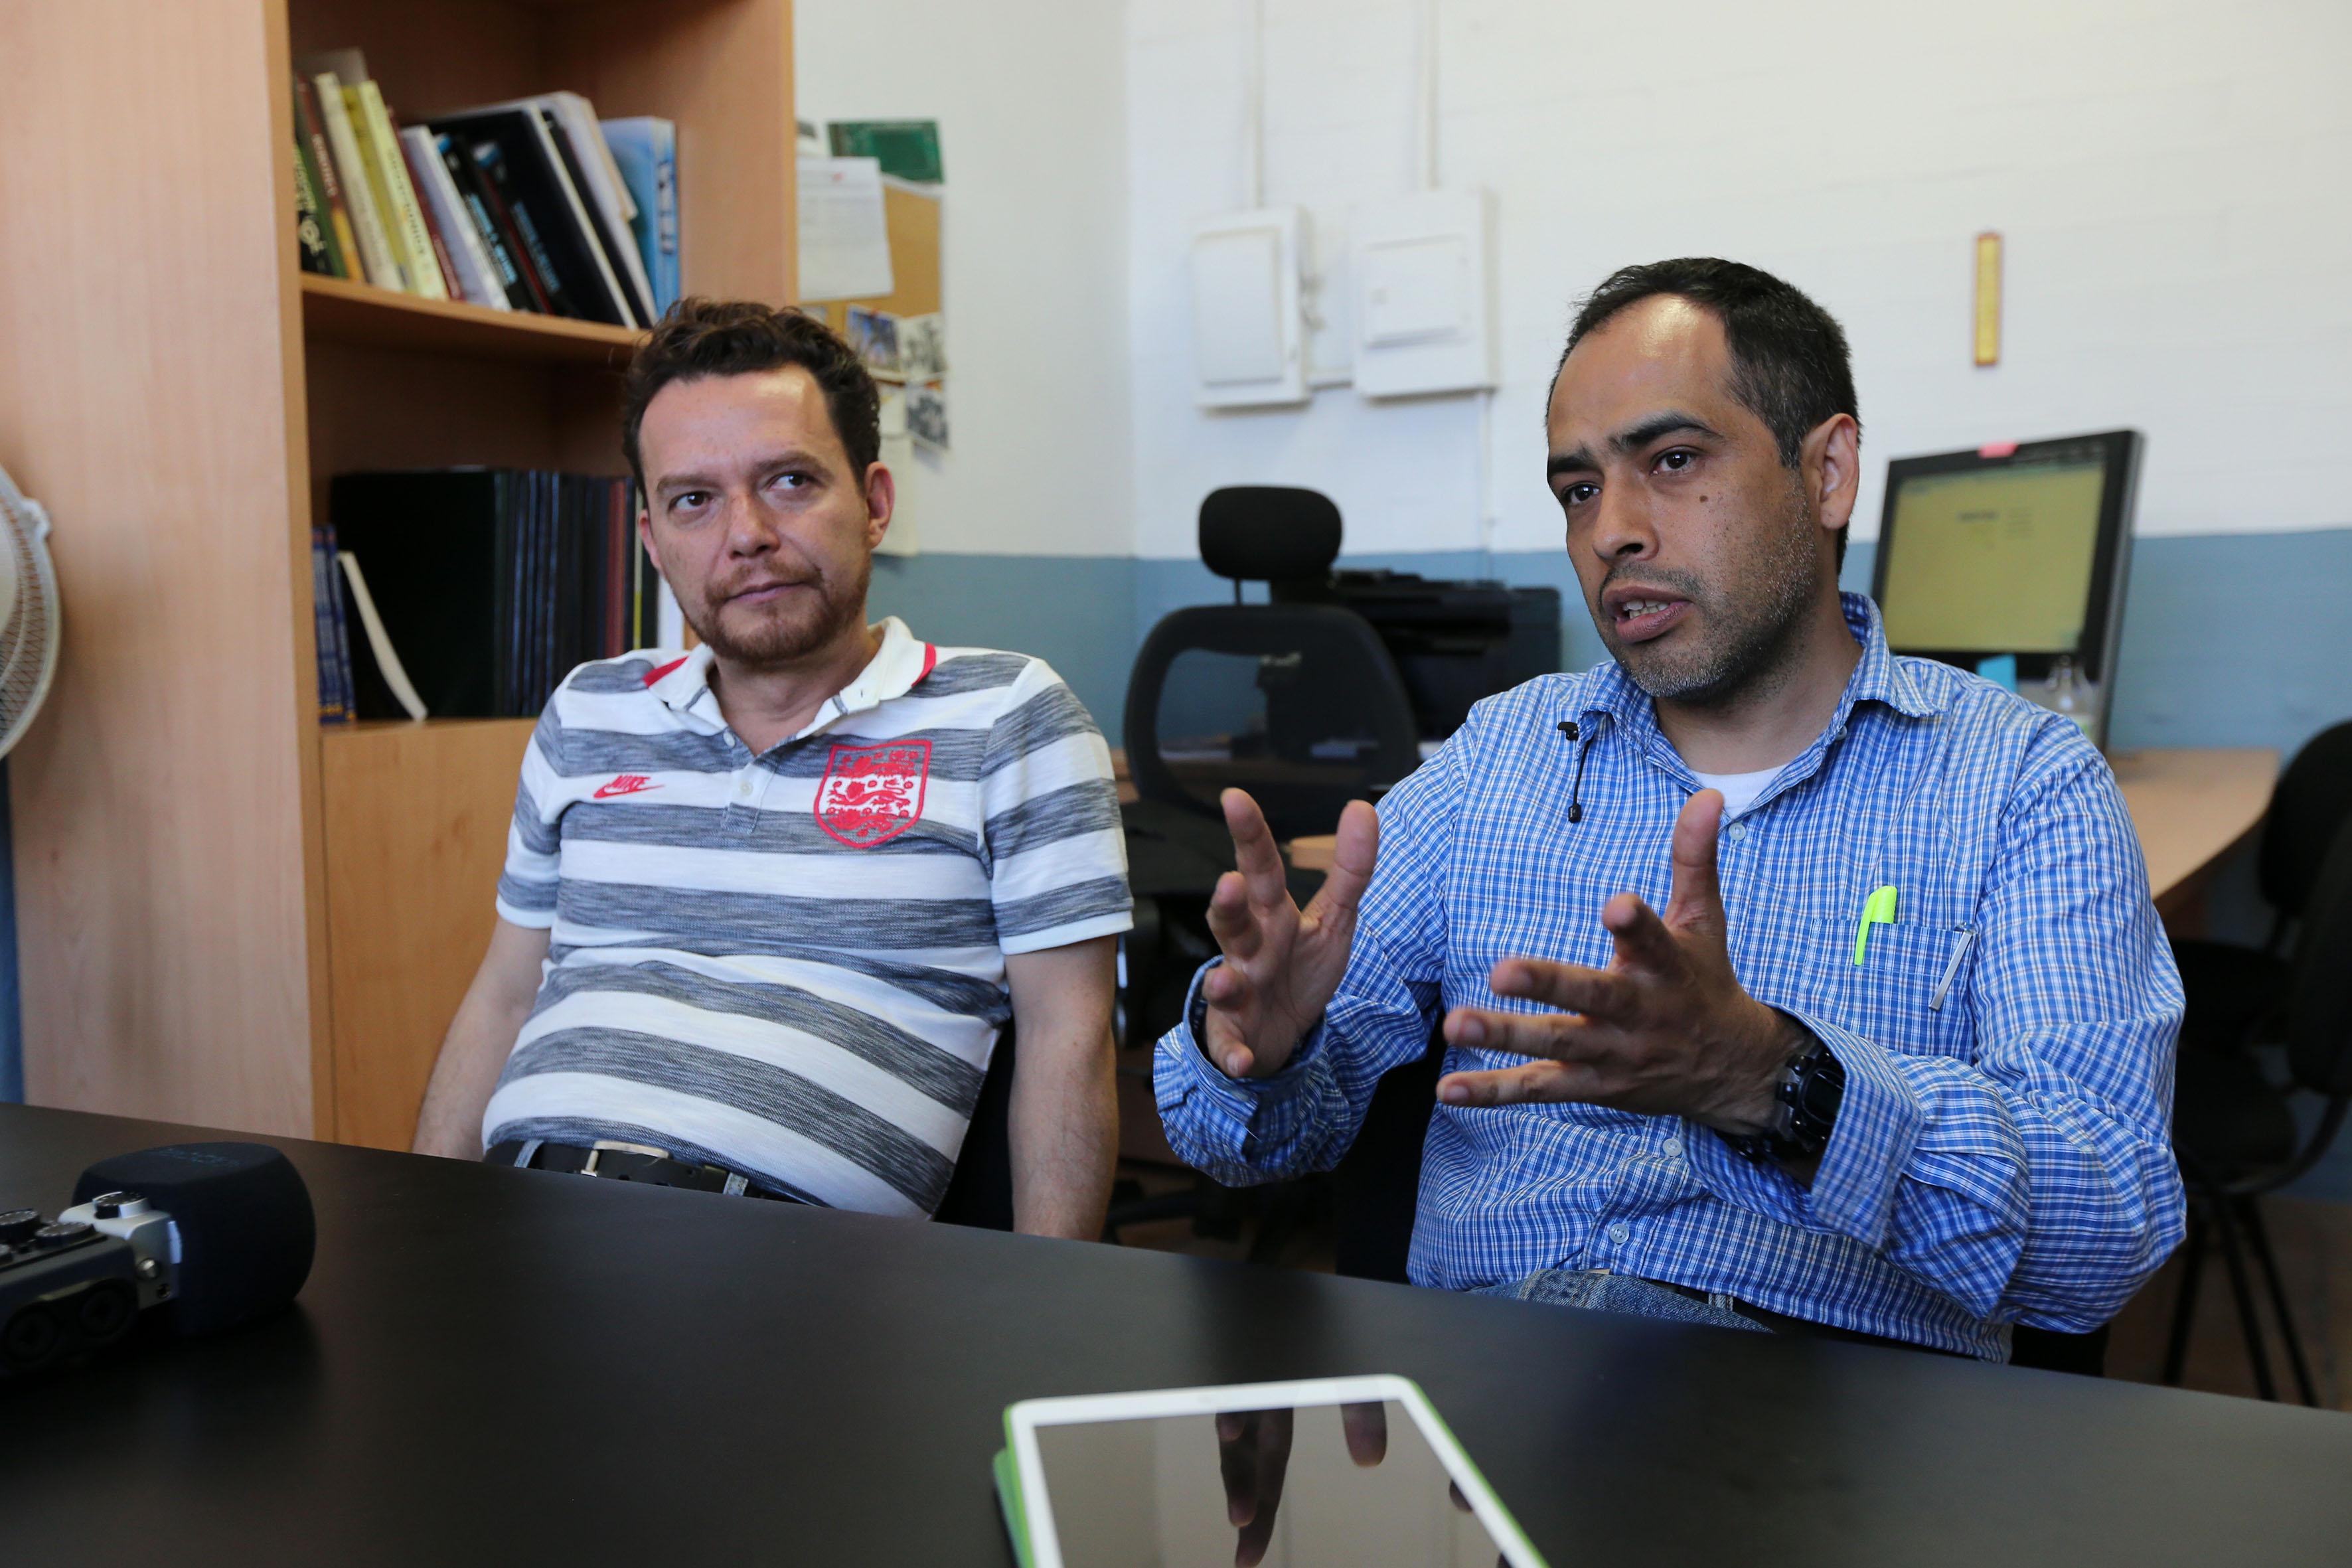 Zaldívar Navarro y Cuevas Jiménez, ambos doctores en inteligencia artificial por la Universidad Libre de Berlín.